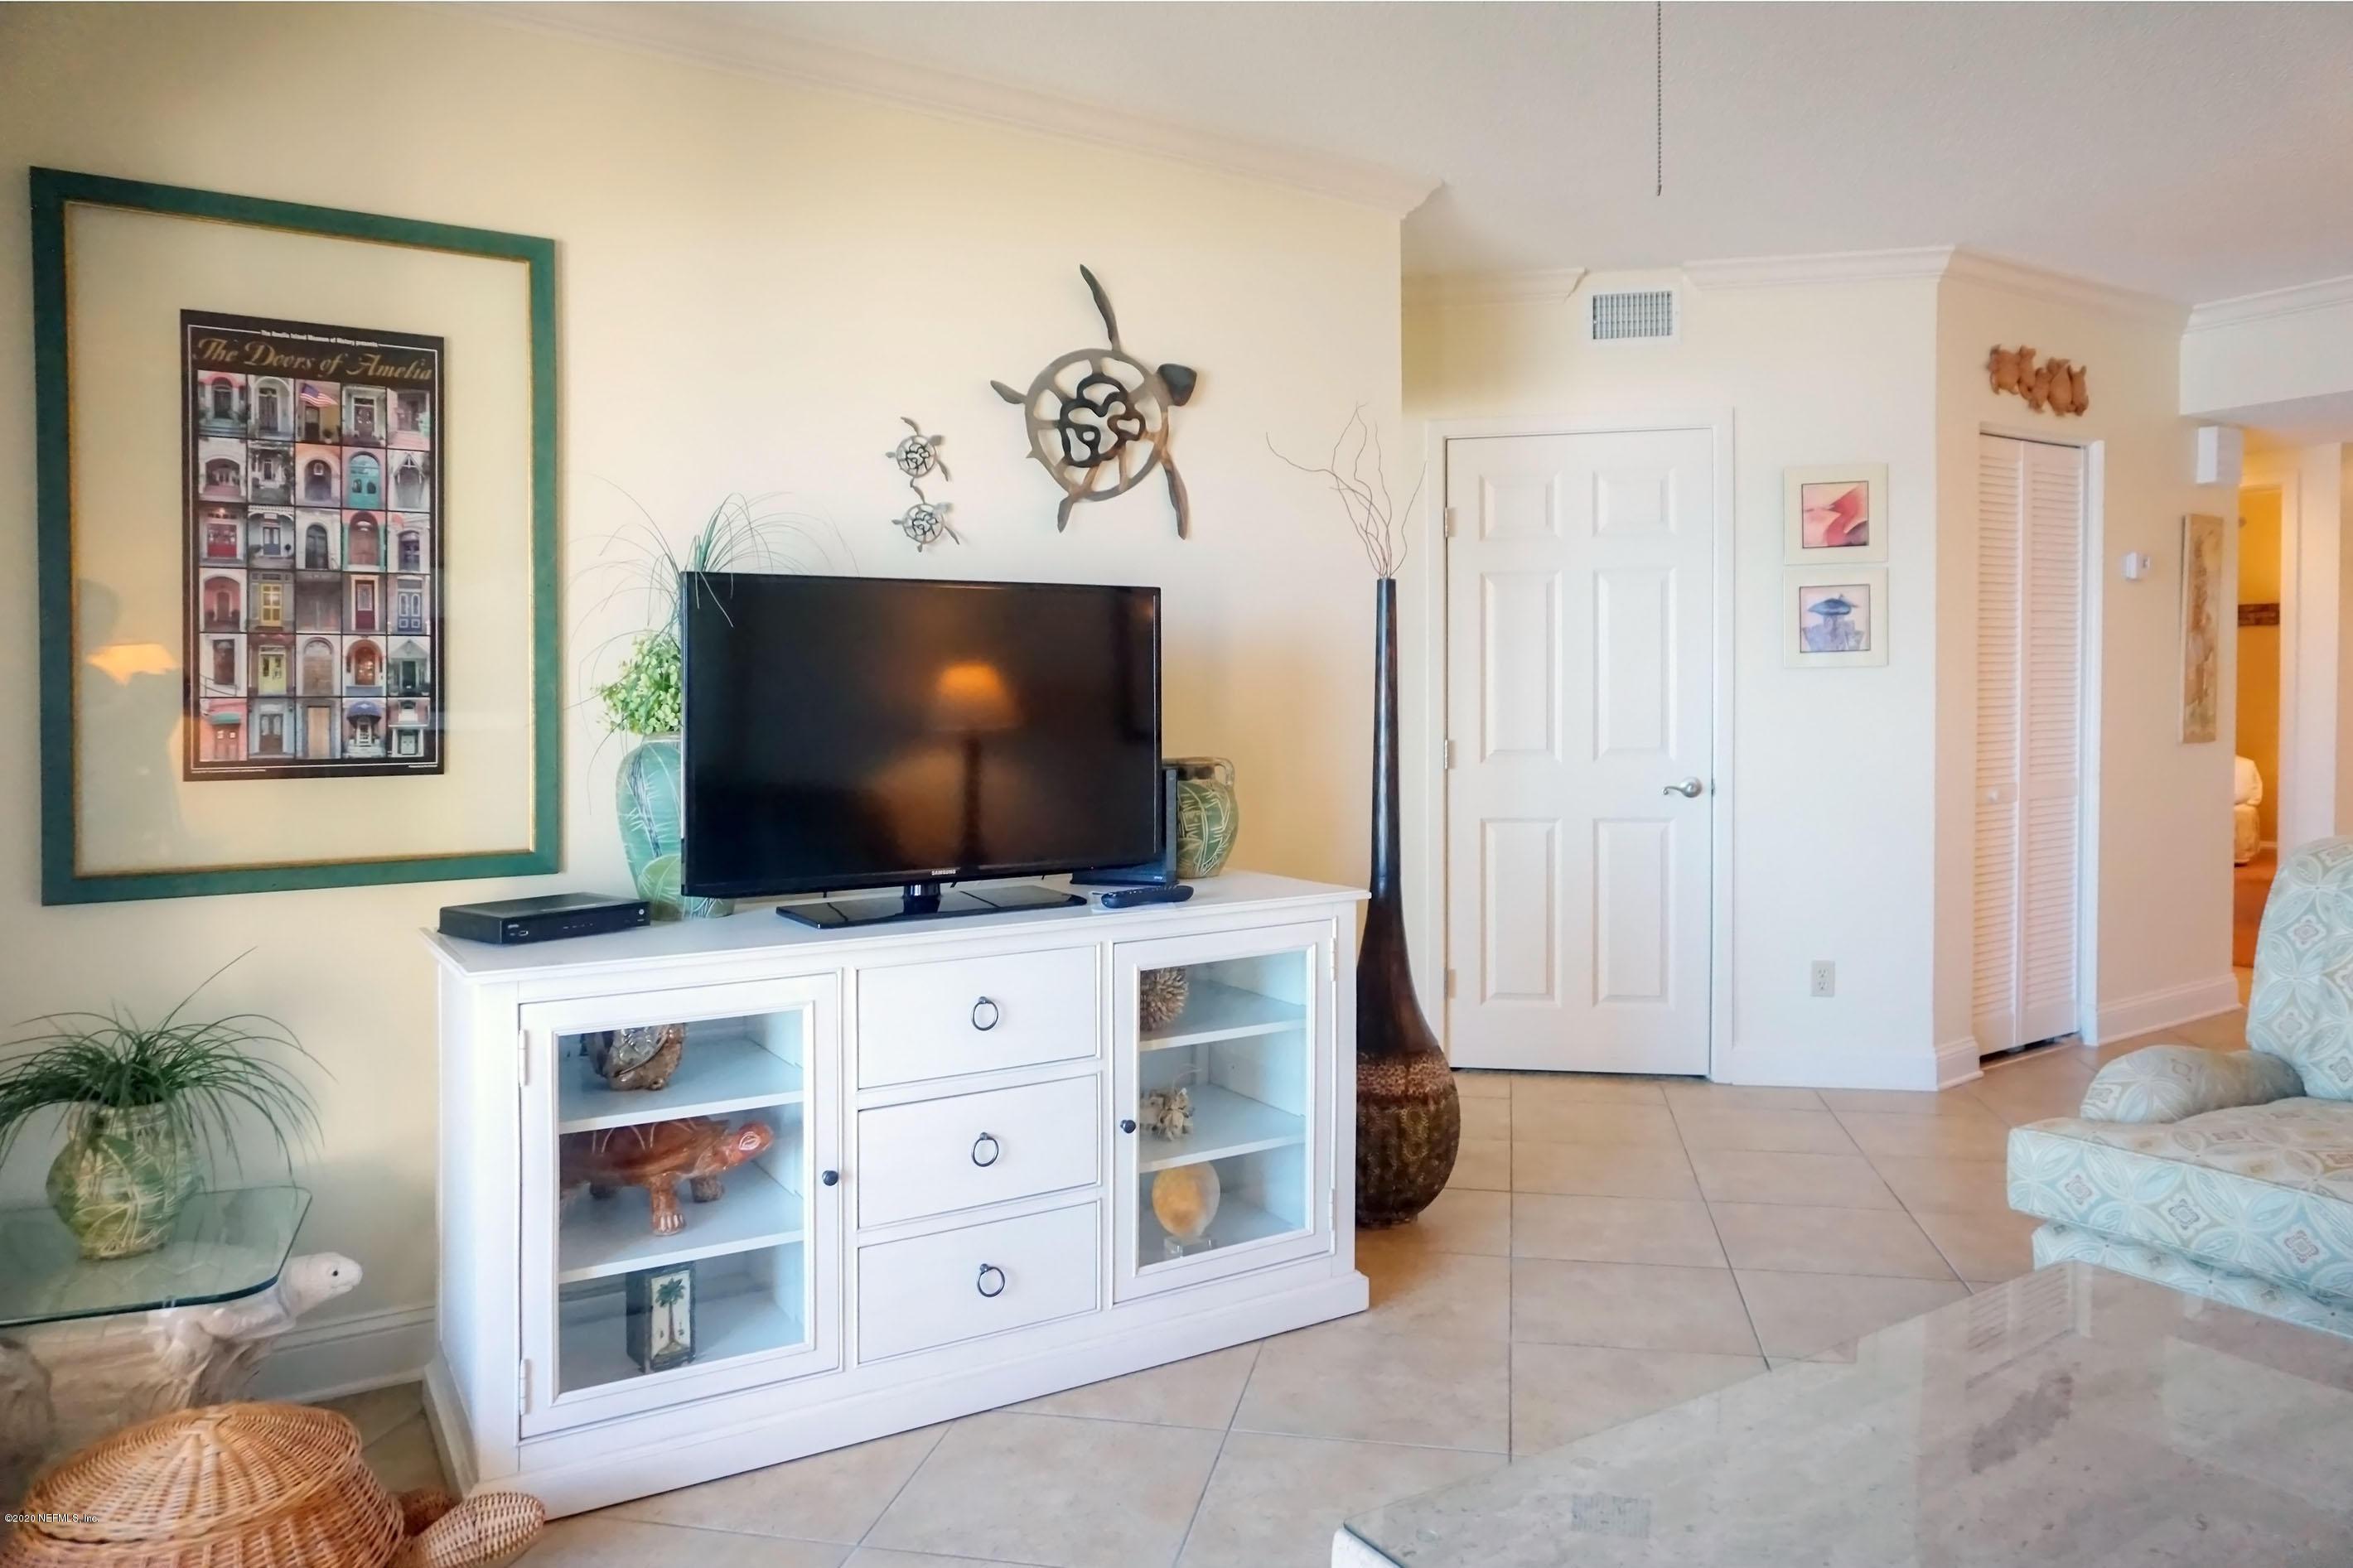 1866 TURTLE DUNES, FERNANDINA BEACH, FLORIDA 32034, 2 Bedrooms Bedrooms, ,2 BathroomsBathrooms,Residential,For sale,TURTLE DUNES,1033989